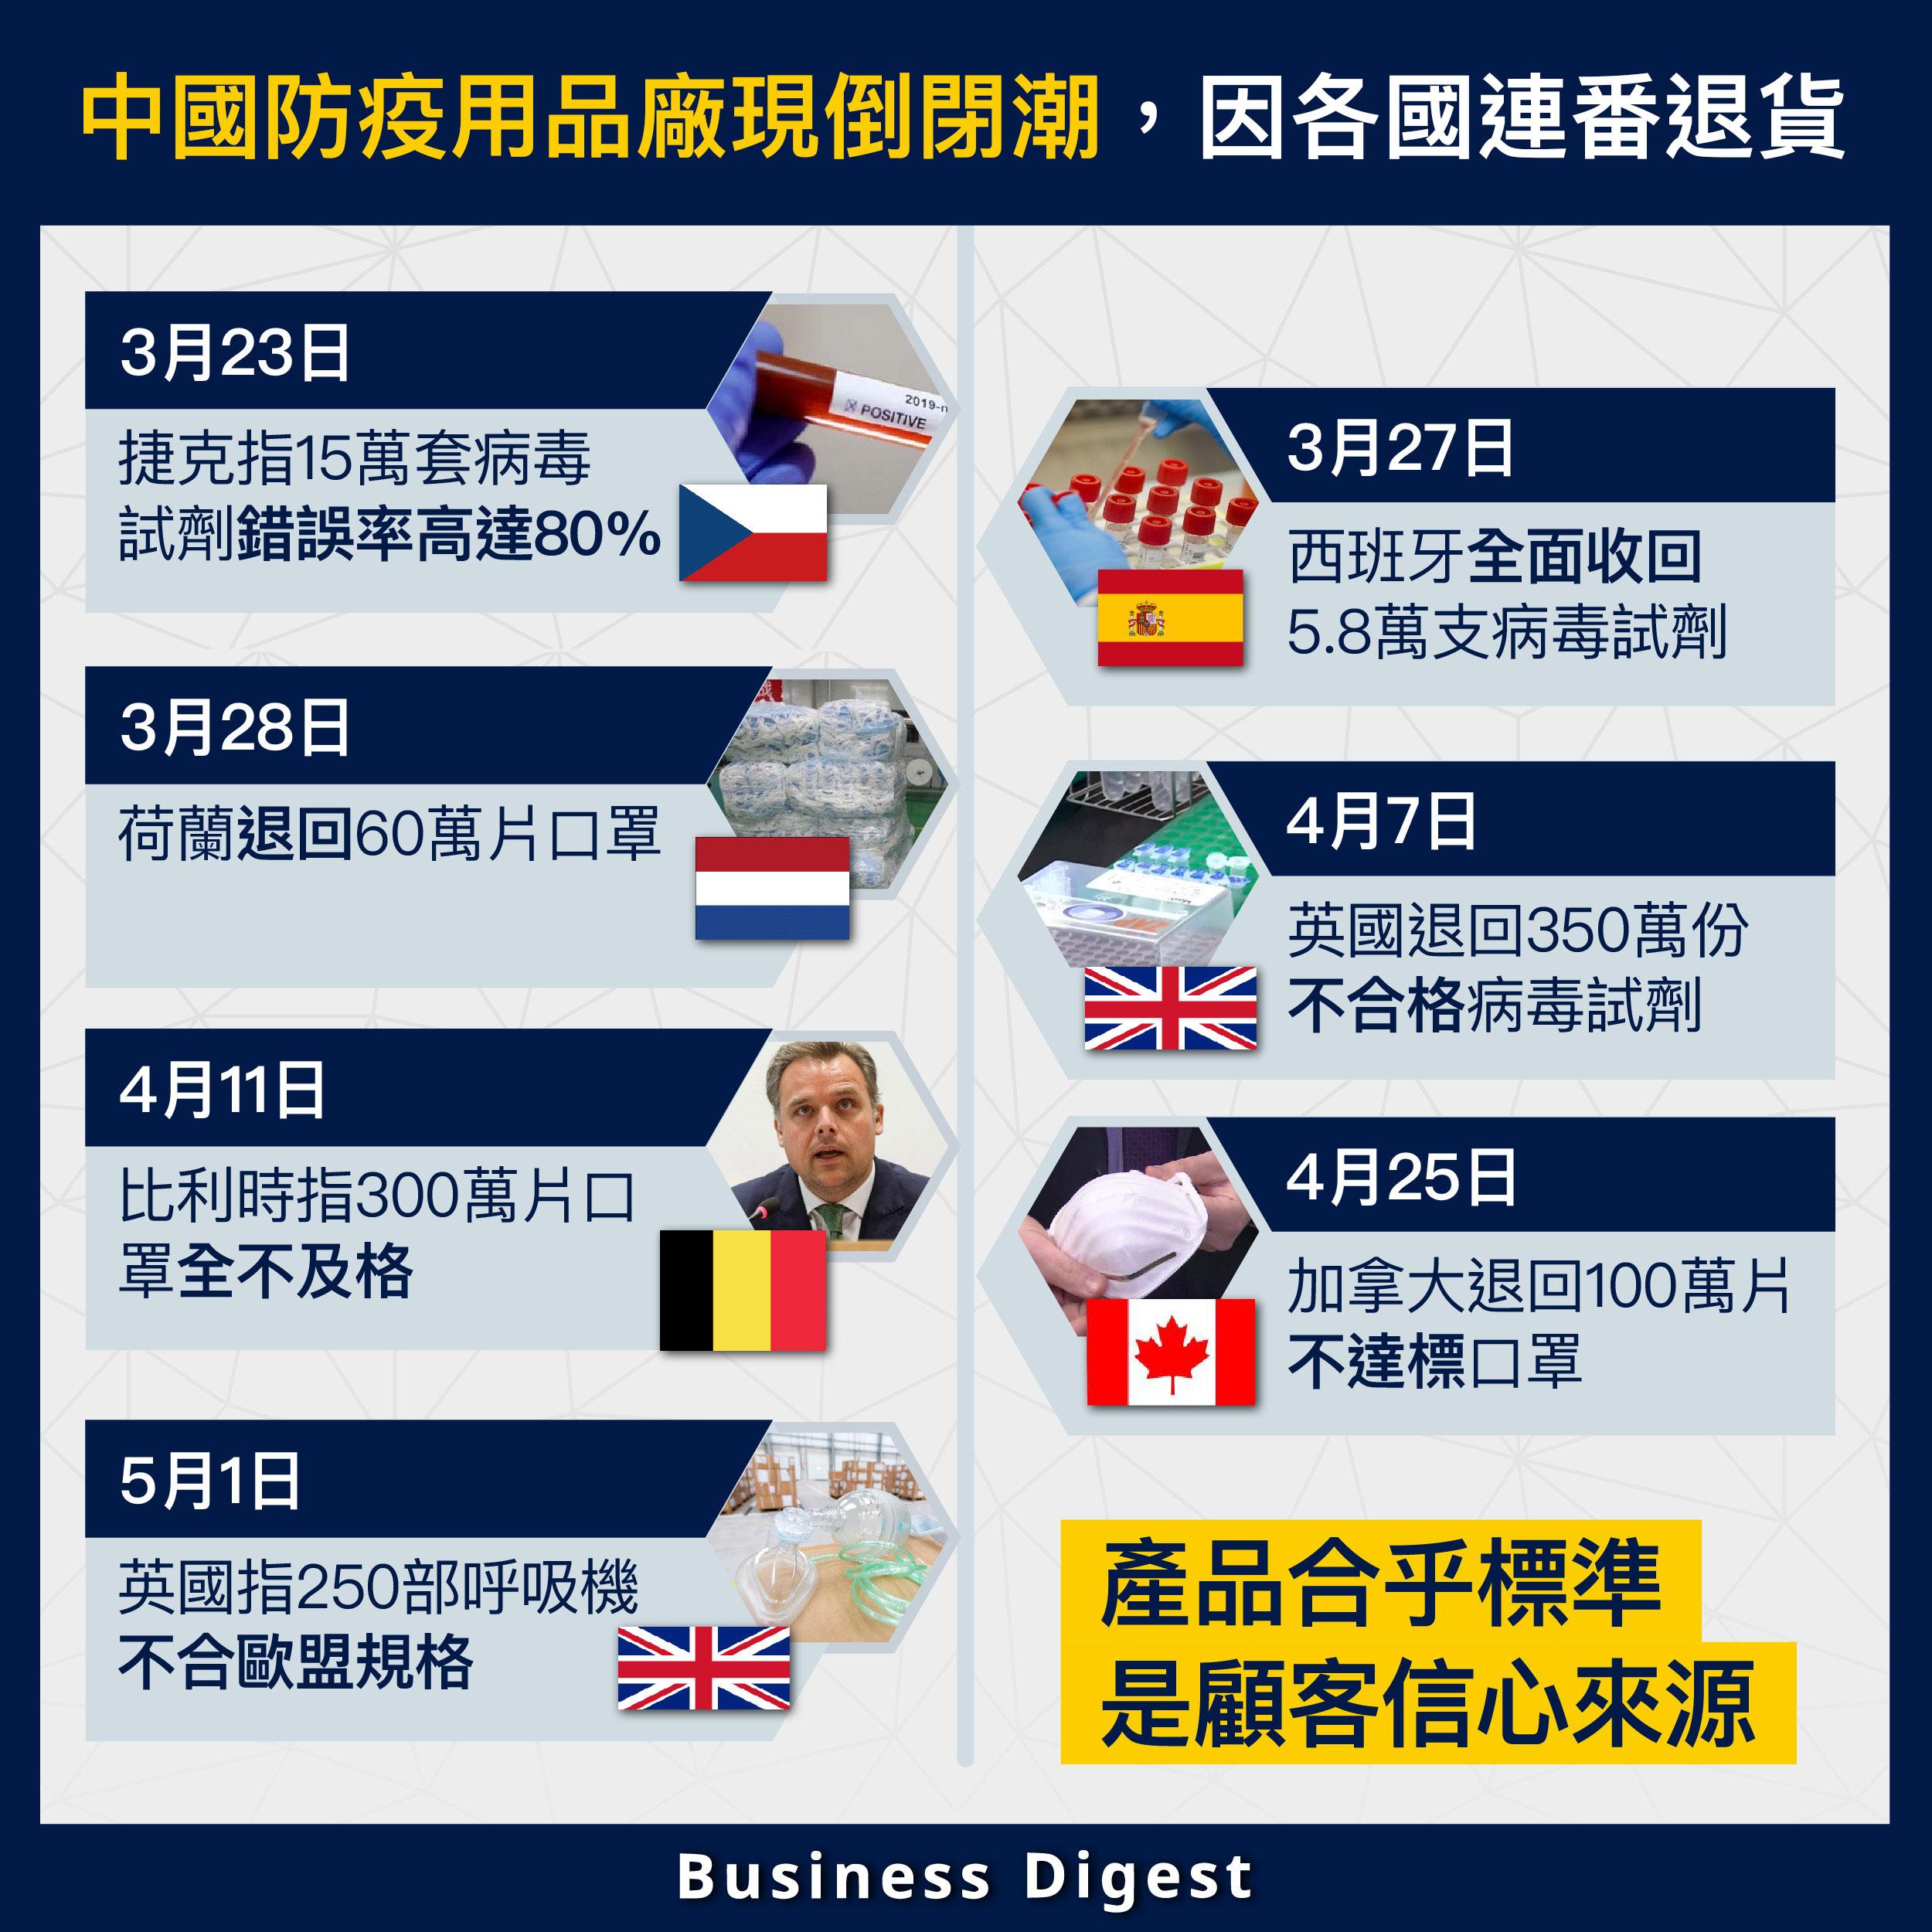 【圖解商業】中國防疫用品廠現倒閉潮,因各國連番退貨